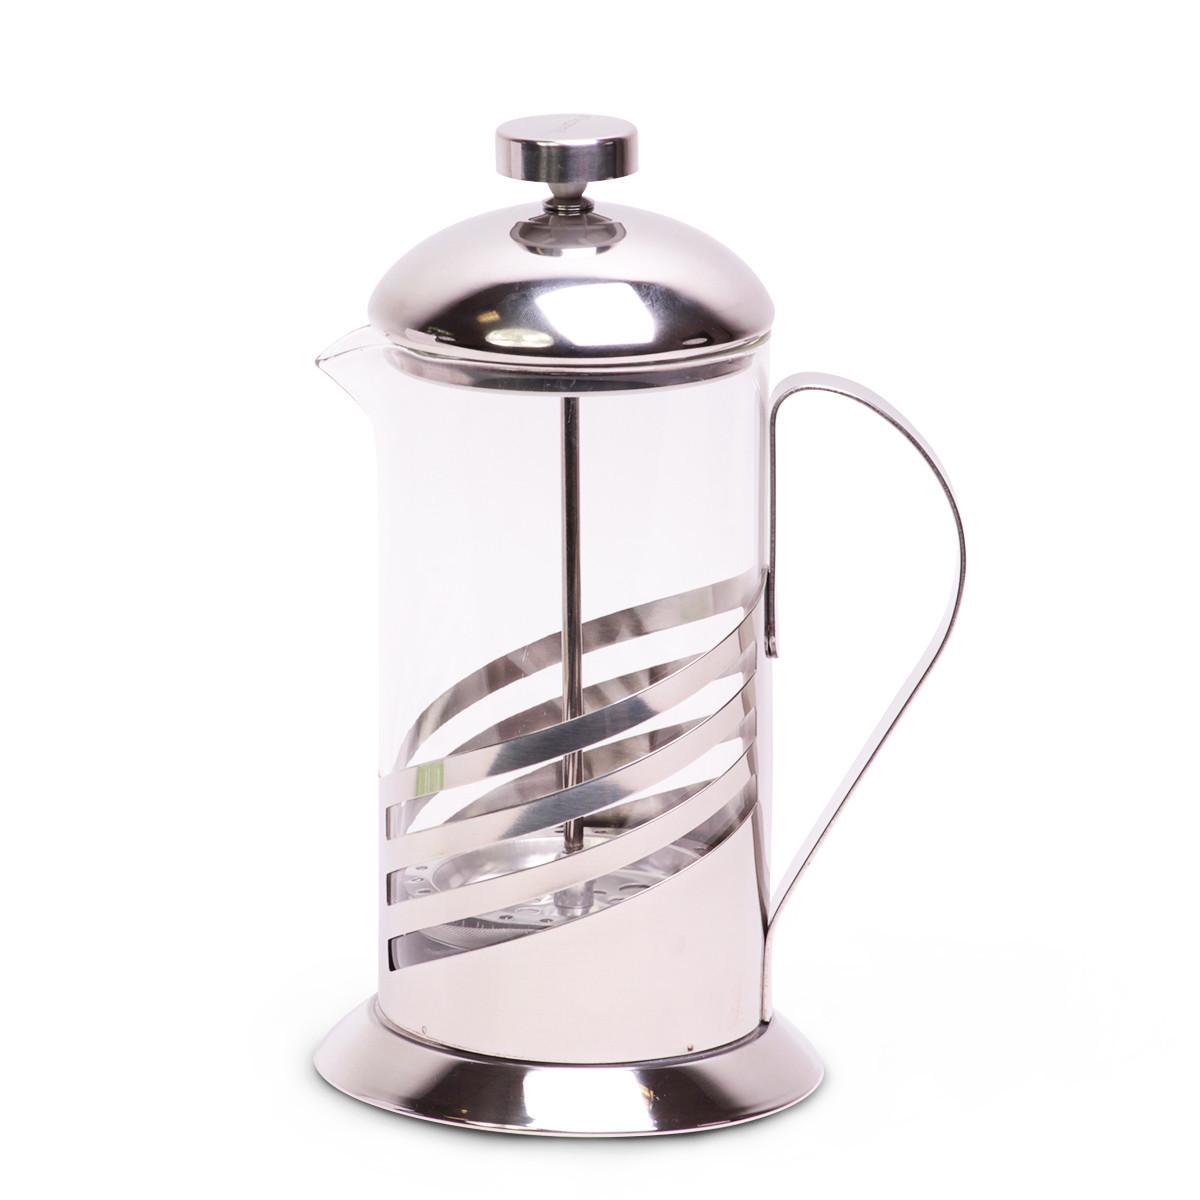 Френчпресс Kamille 600мл (нержавеющая сталь, стекло)